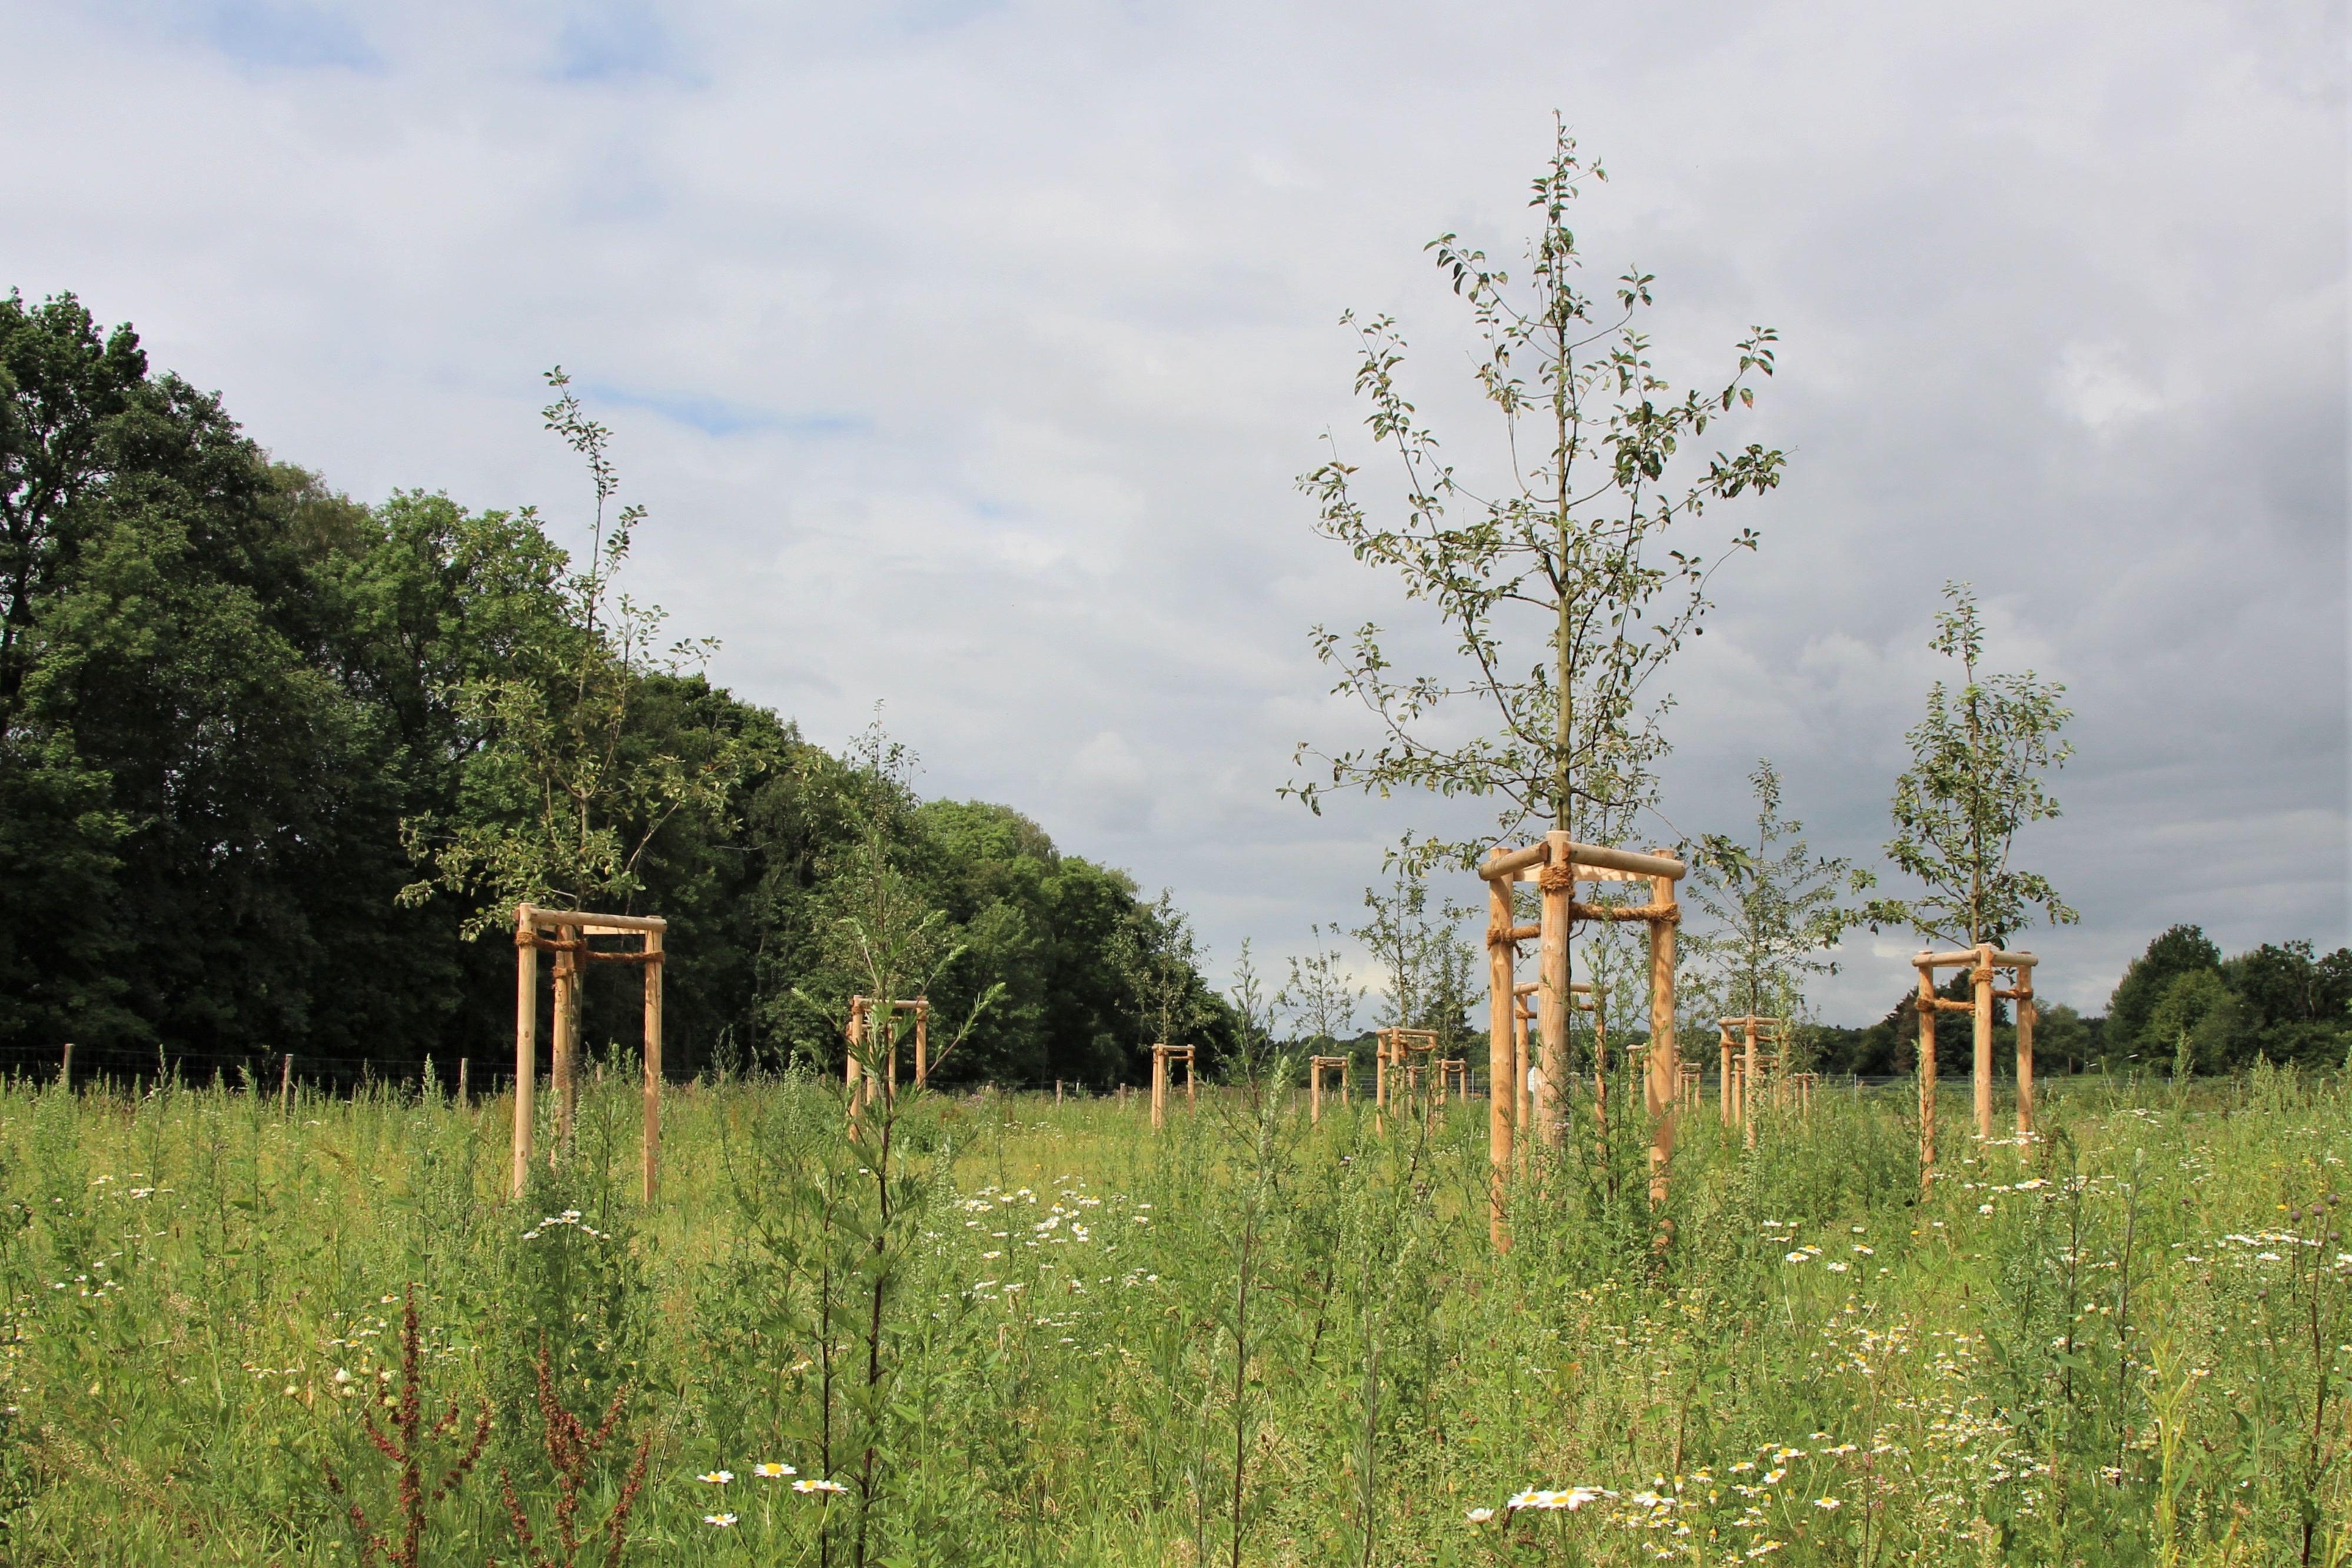 Die neue Grünanlage ist eine Kombination aus Kleingärten und naturschutzrechtlichen Ausgleichflächen. Foto: Sahra Vittinghoff